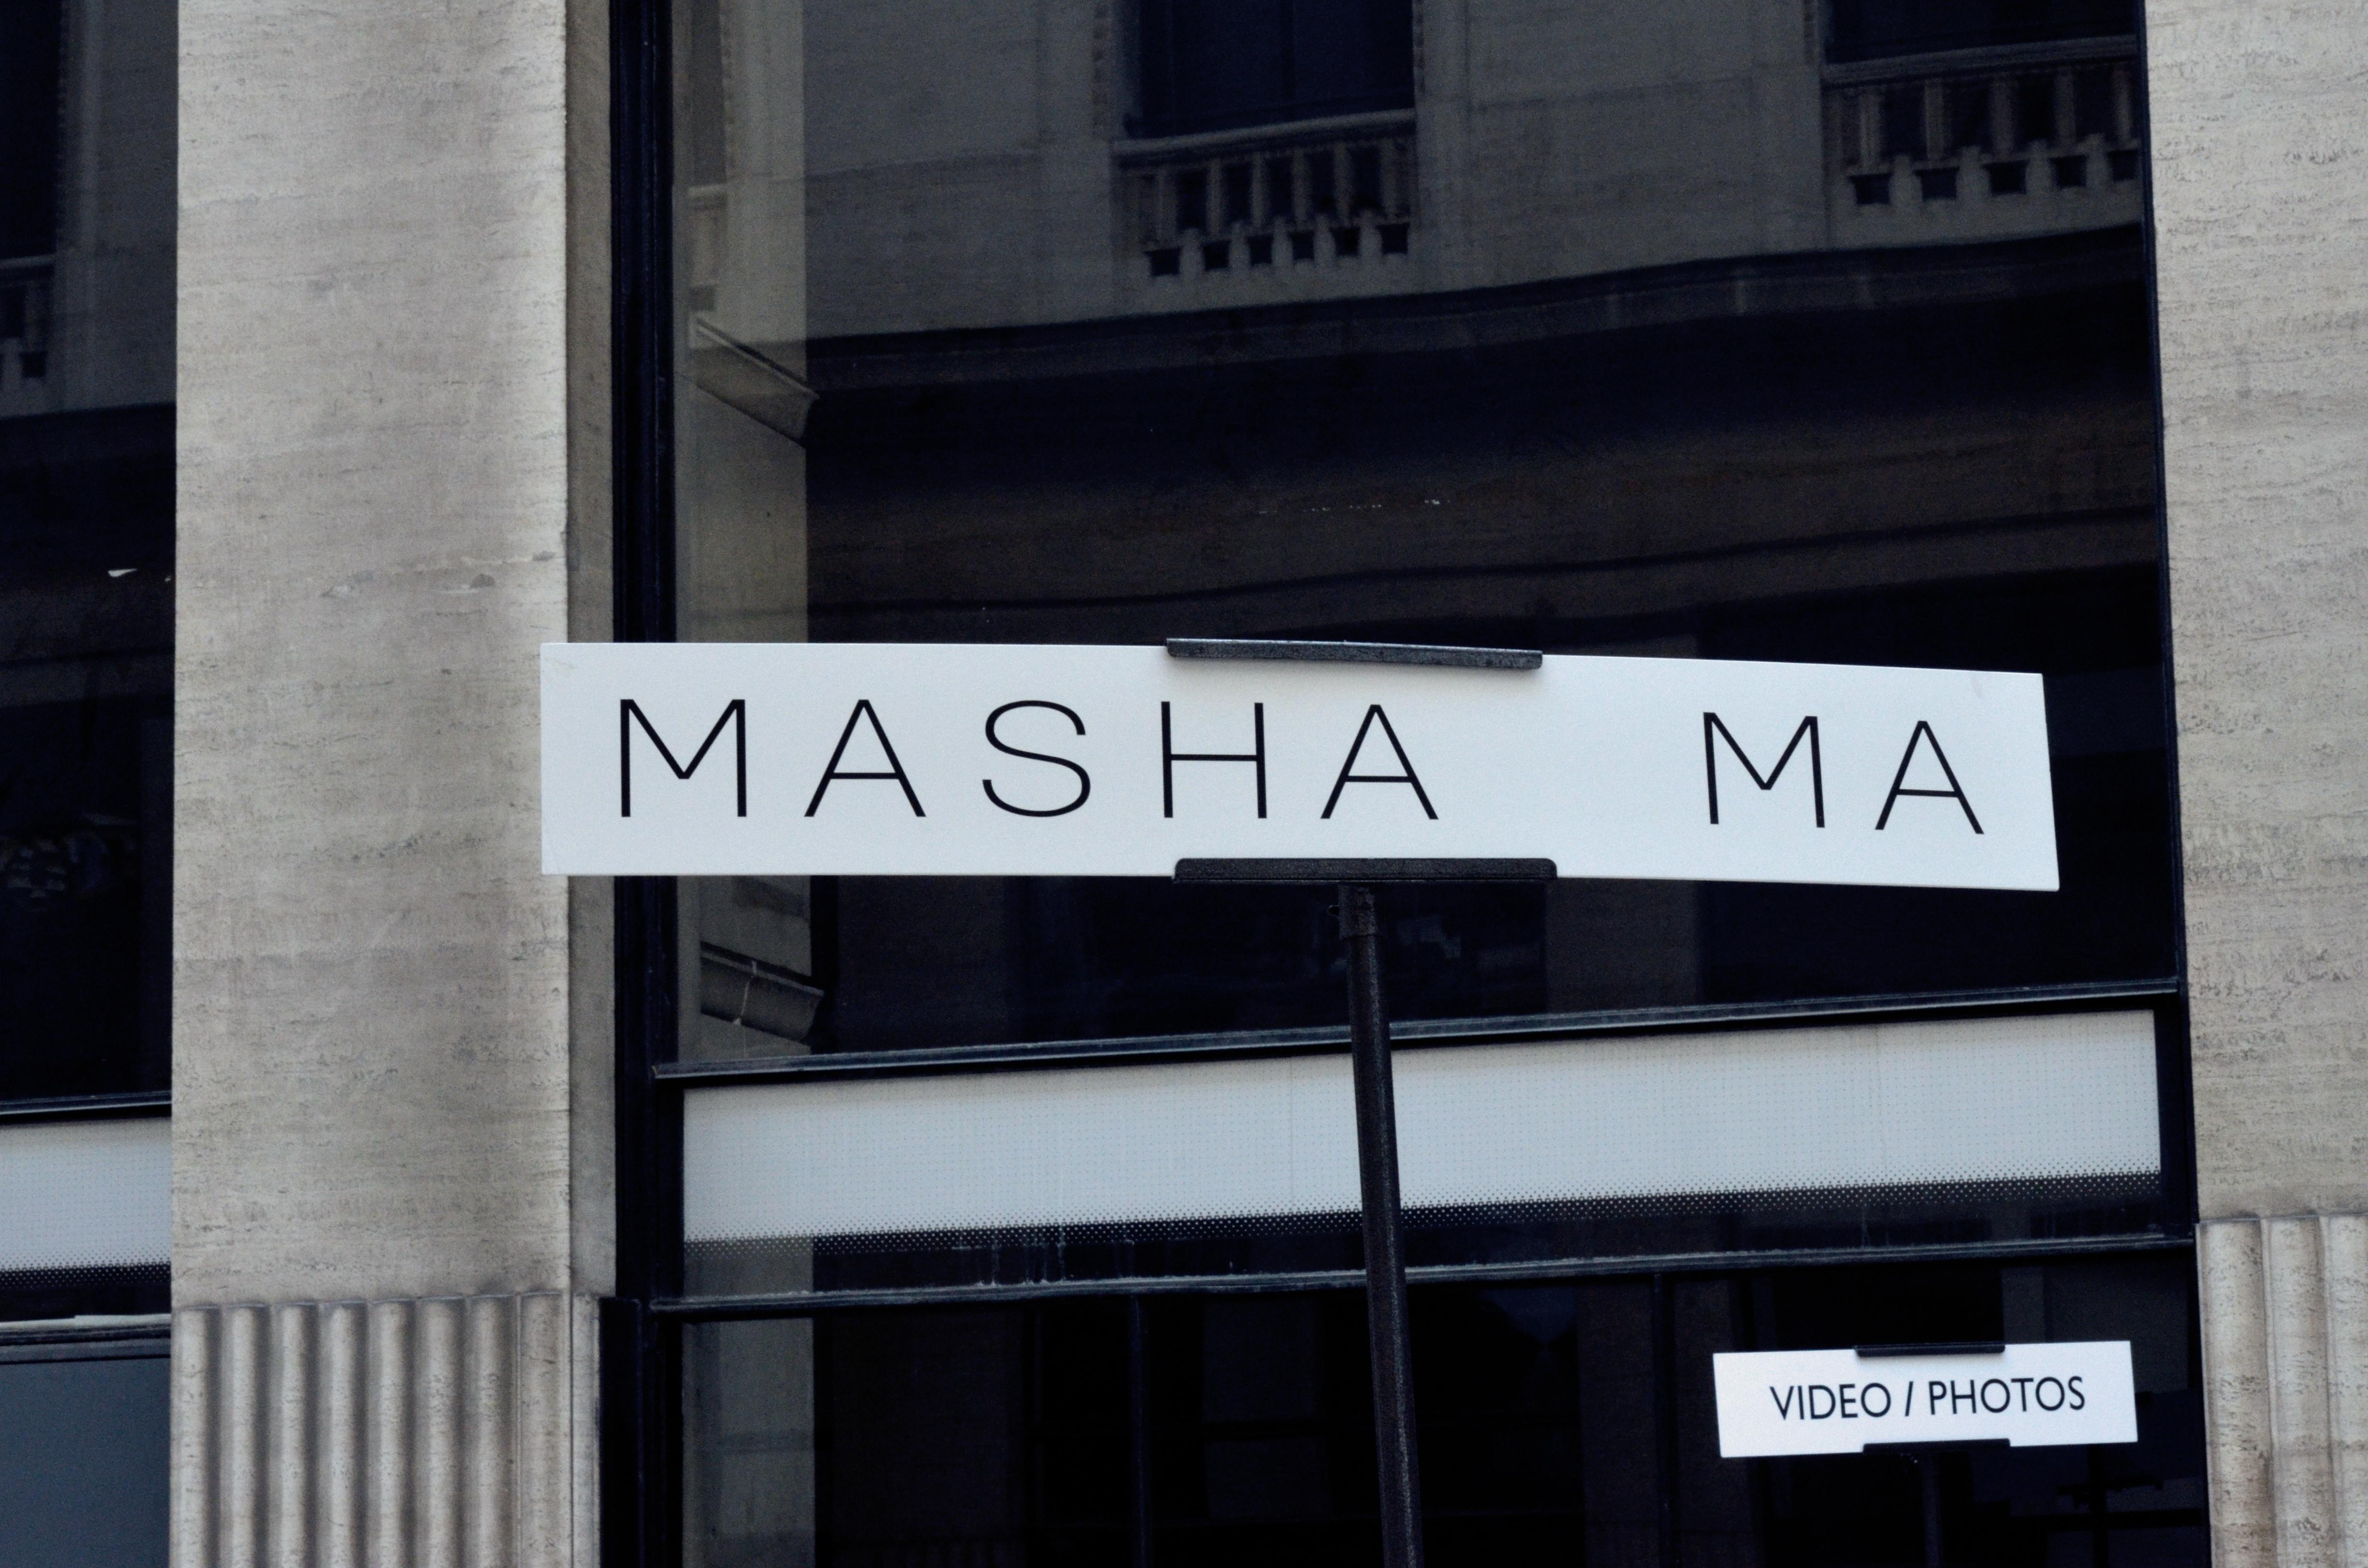 MASHA MA FW1415